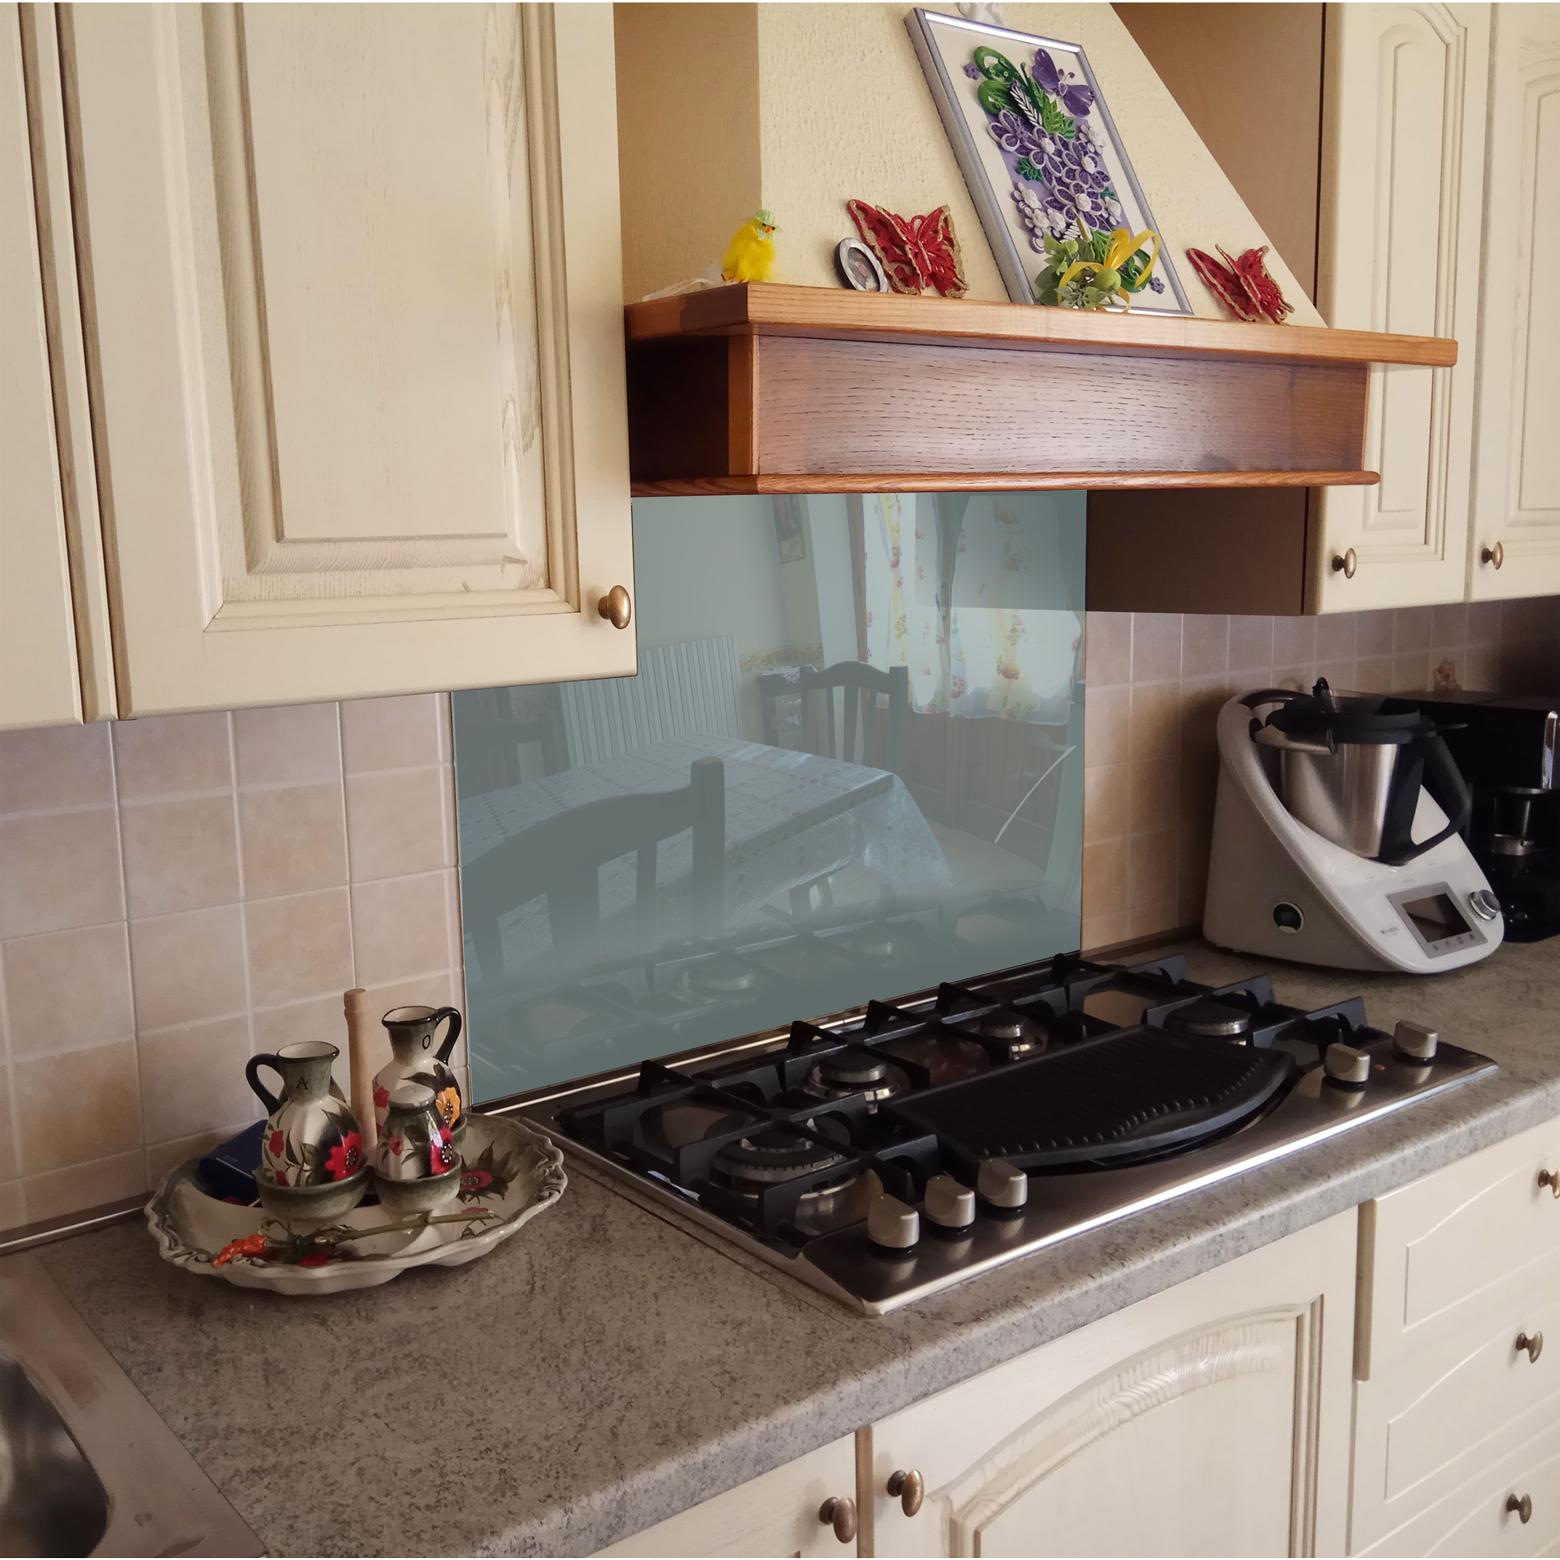 k chenr ckwand spritzschutz k che geh rtetes glas grau ebay. Black Bedroom Furniture Sets. Home Design Ideas